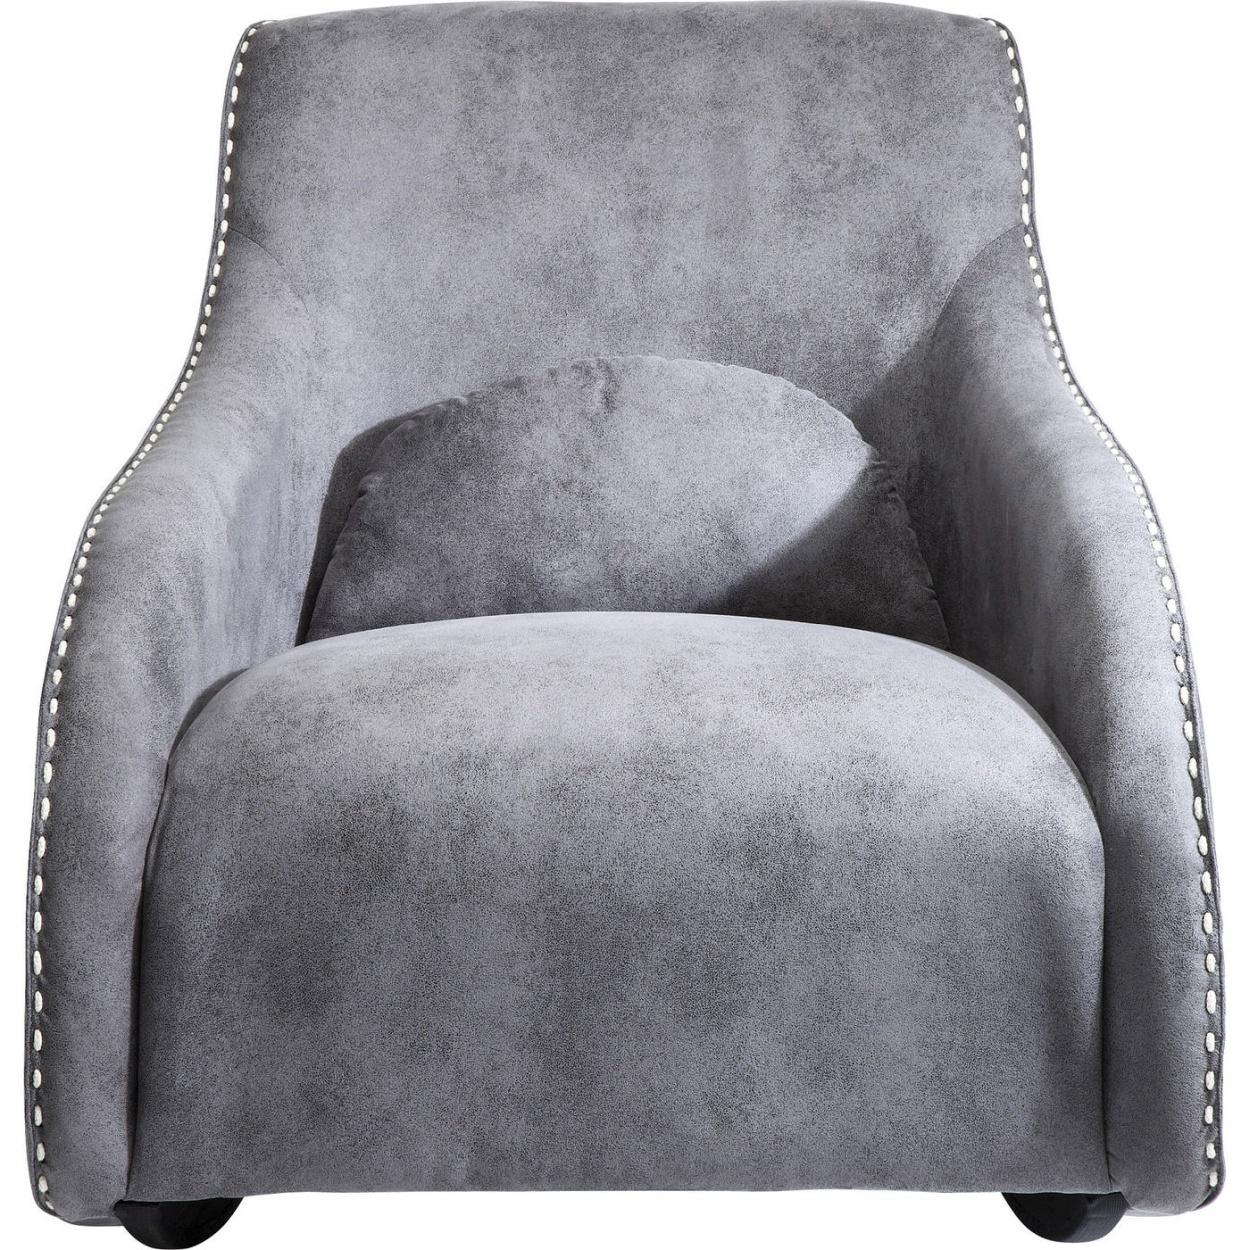 Kare Design Schommelstoel Swing Ritmo Vintage Kunstleer Grijs | 4025621794035